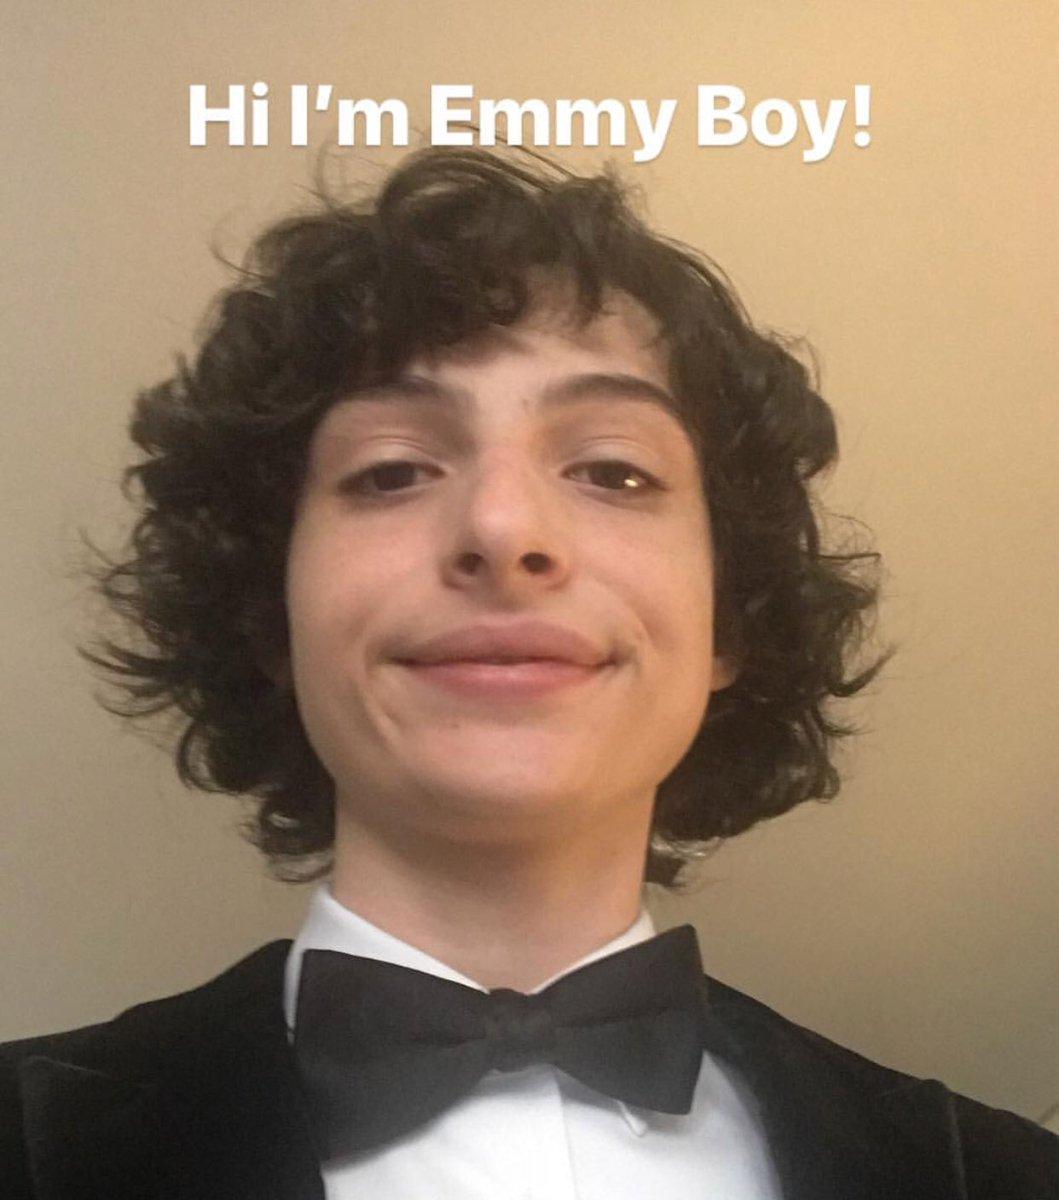 2018 Emmys Masterthread DnU5kqIUUAAQxwJ